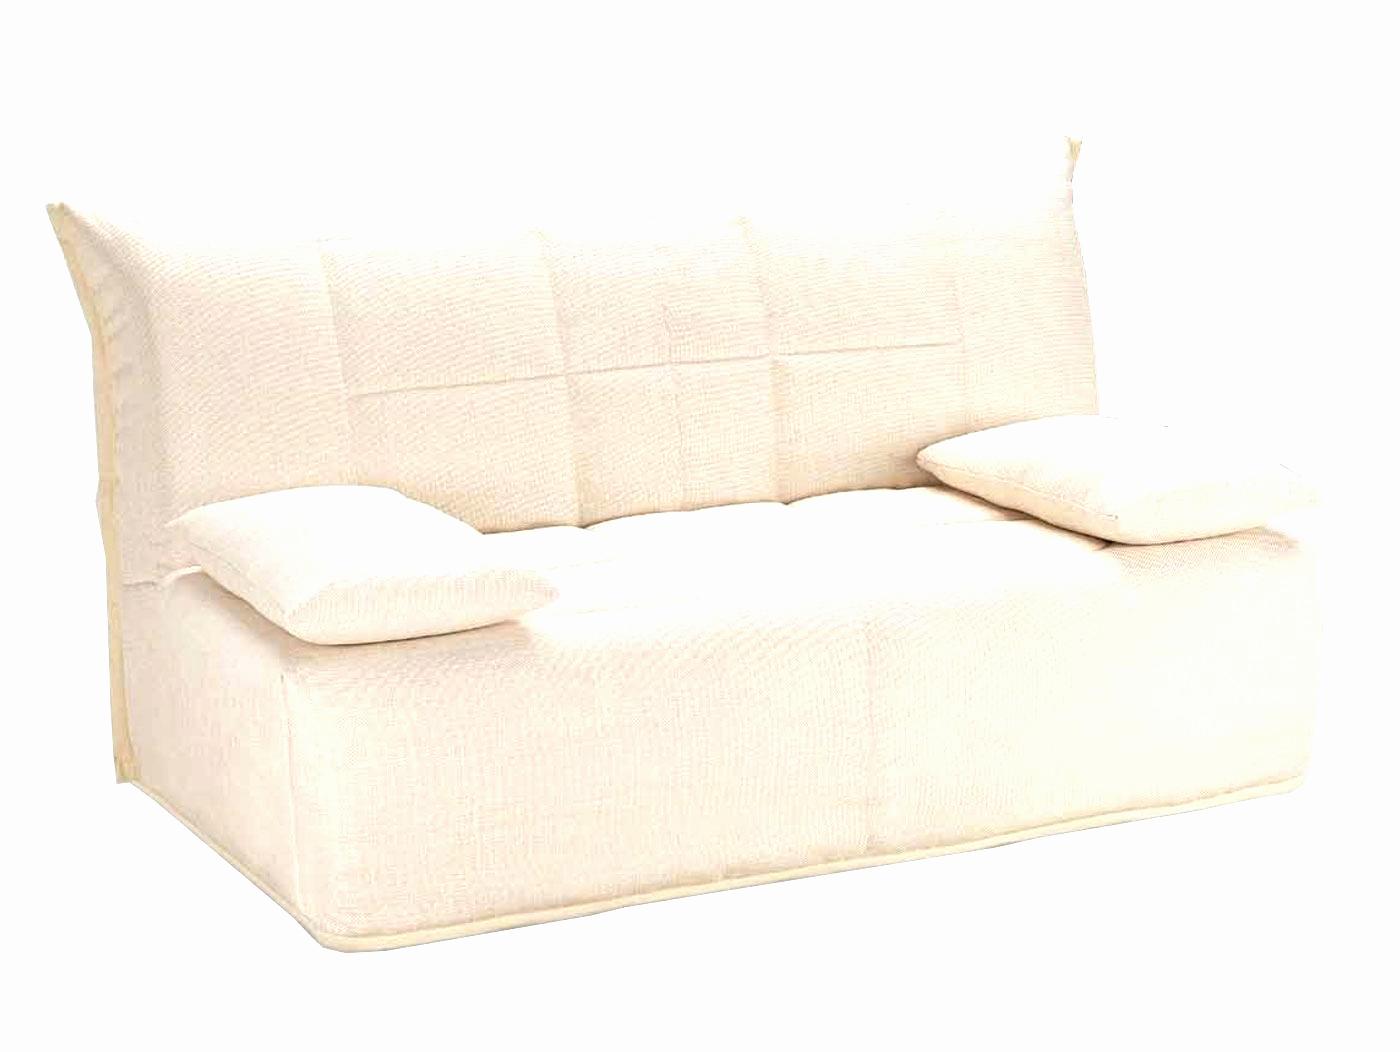 Bz Pas Cher Ikea Nouveau Photos Canape Convertible Bz Génial Banquette 1 Place Inspirant Bz 2 Places